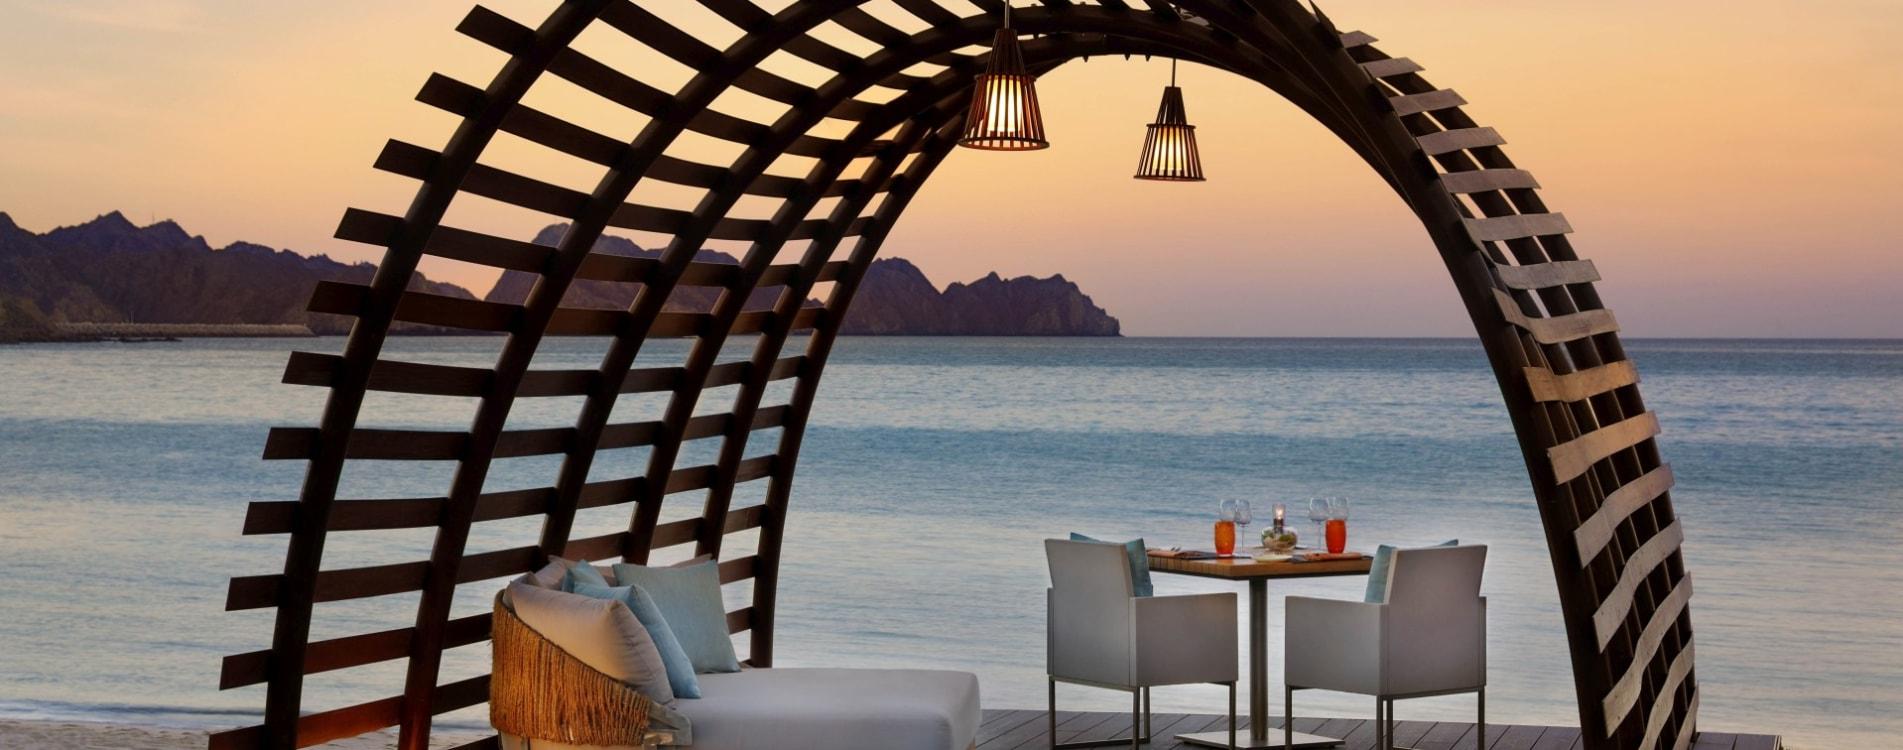 Al-Bustan-Palace-MusKat-Strand-Pavilion-Restaurant-Cabana-Oman.jpg